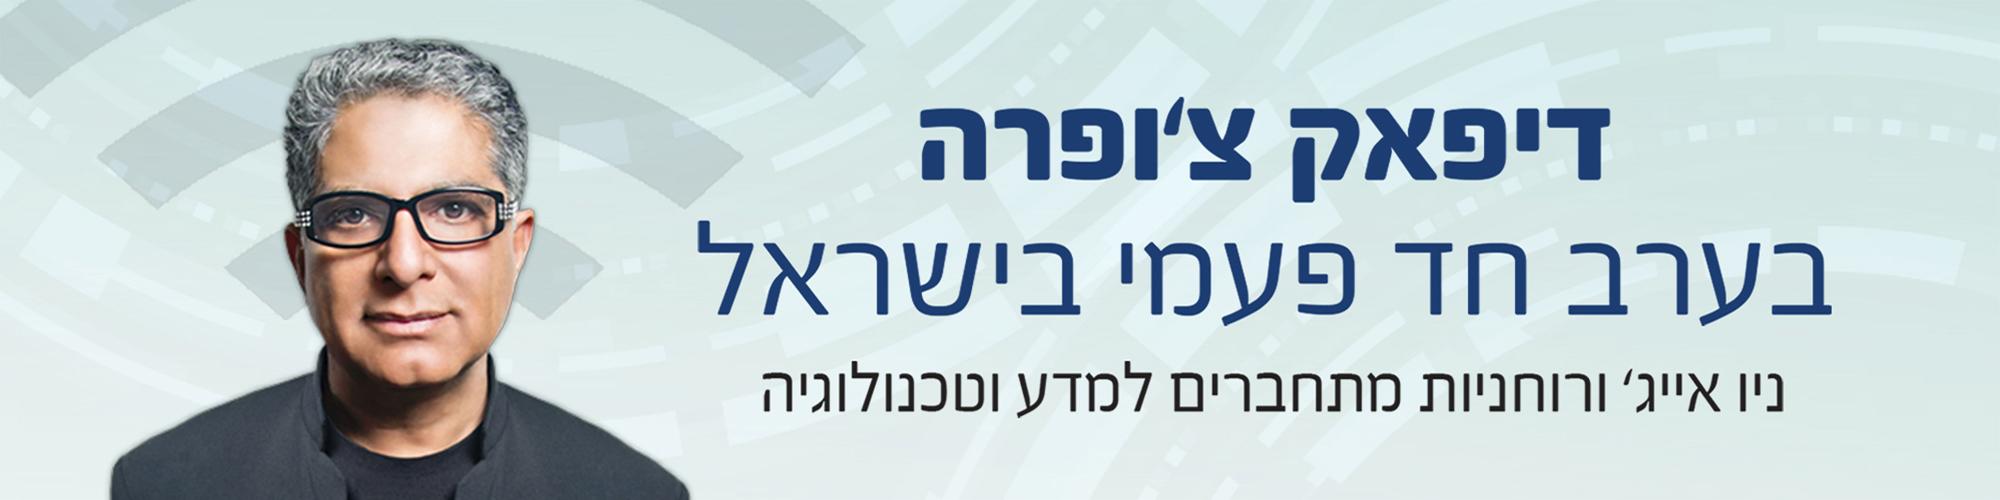 דיפאק צ'ופרה - בערב חד פעמי בישראל banner